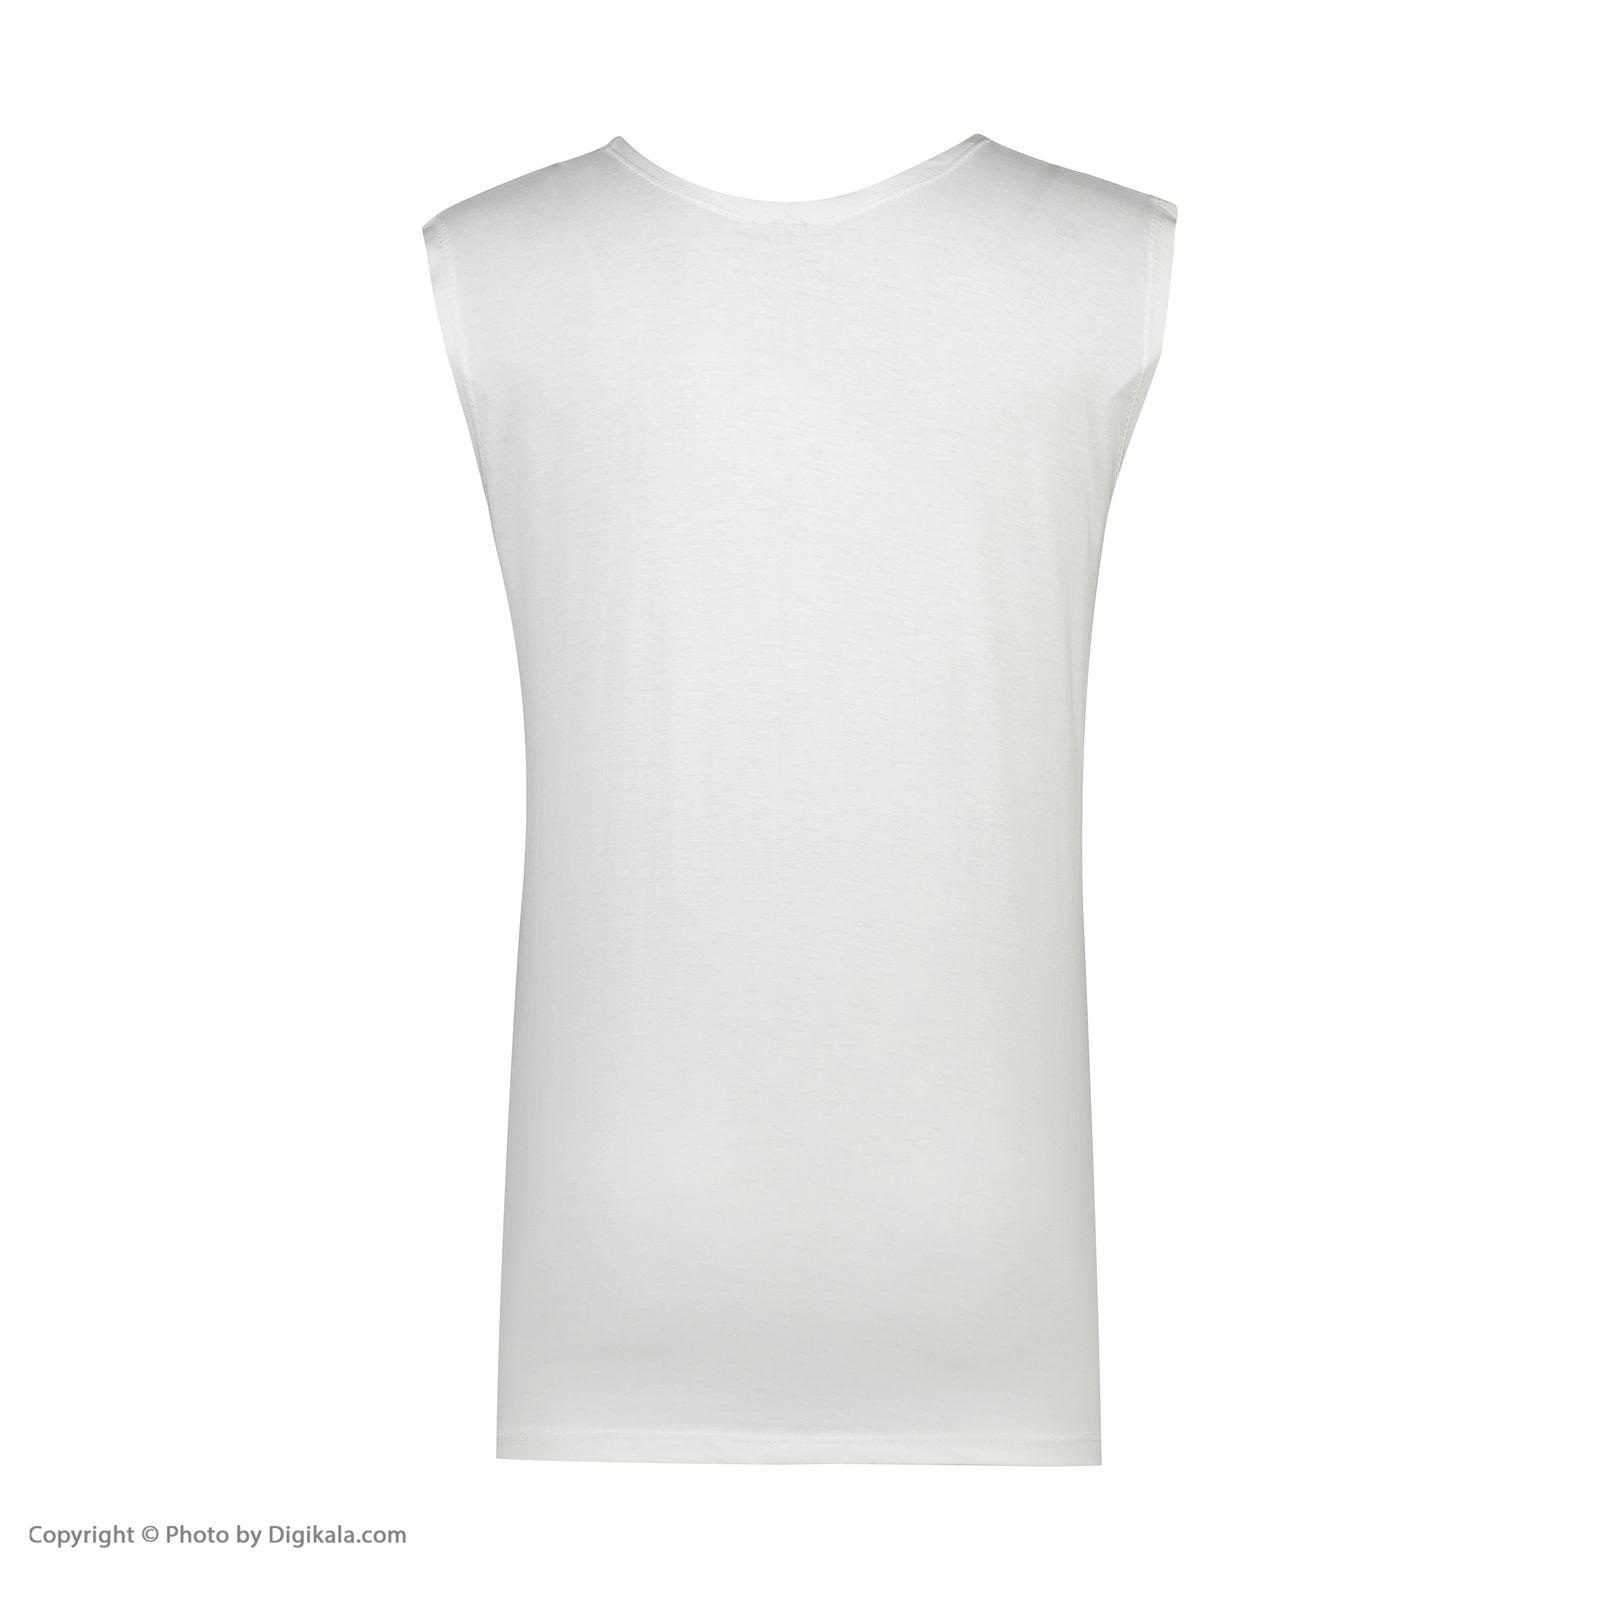 ست تاپ و شلوارک زنانه فمیلی ور طرح خرسی کد 0221 رنگ سفید -  - 9